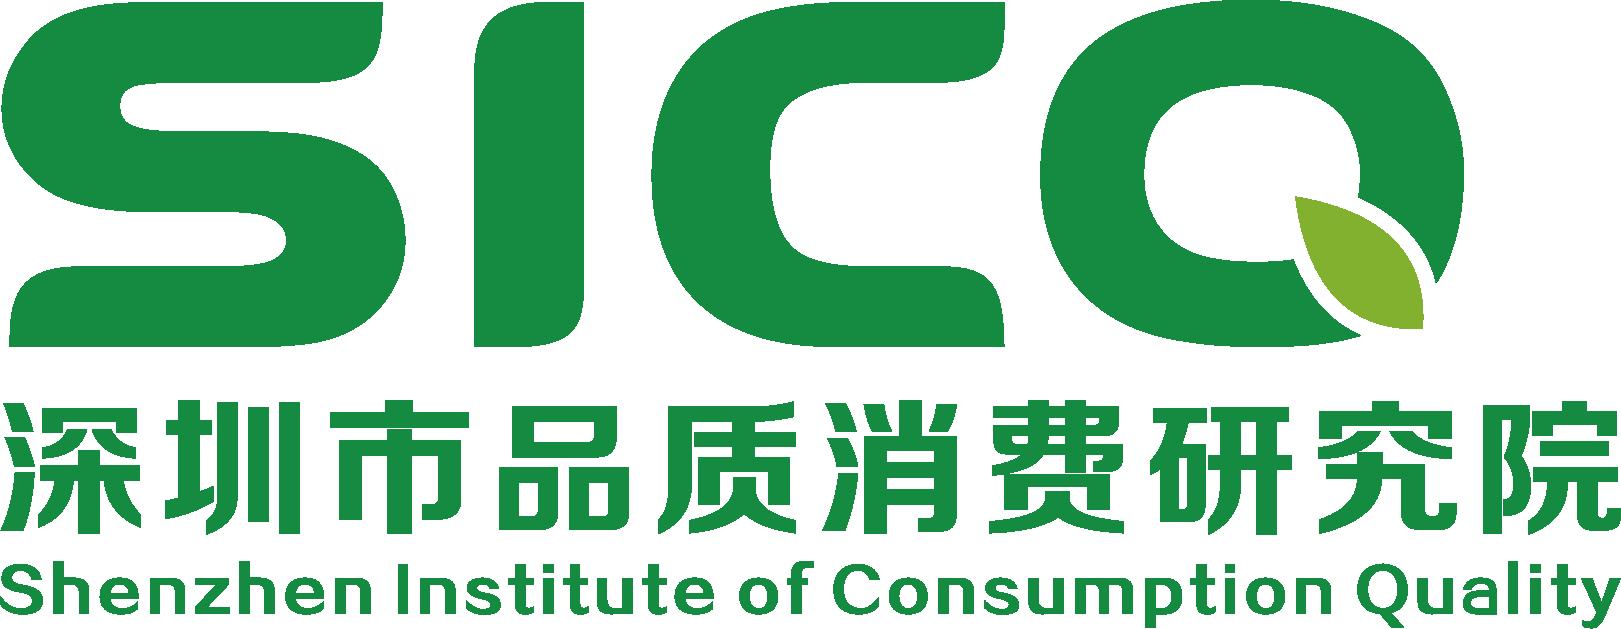 深圳市品质消费研究院–发现中国好品质